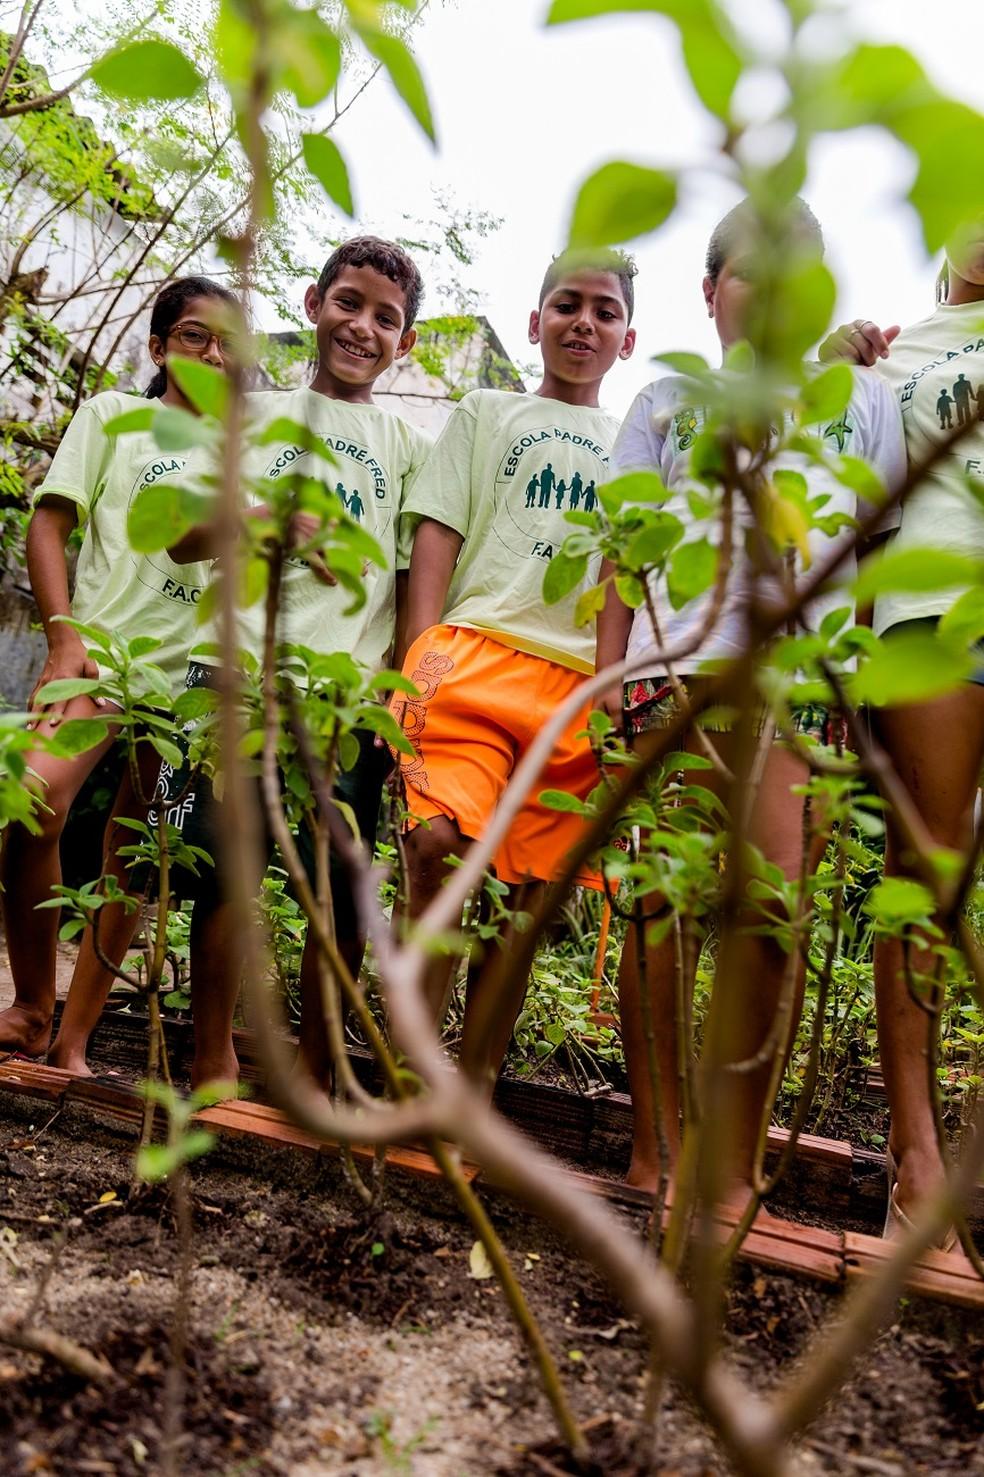 As crianças, moradoras da própria comunidade, participam de atividades na horta no contraturno das aulas nas escolas — Foto: Thiago Gadelha/G1